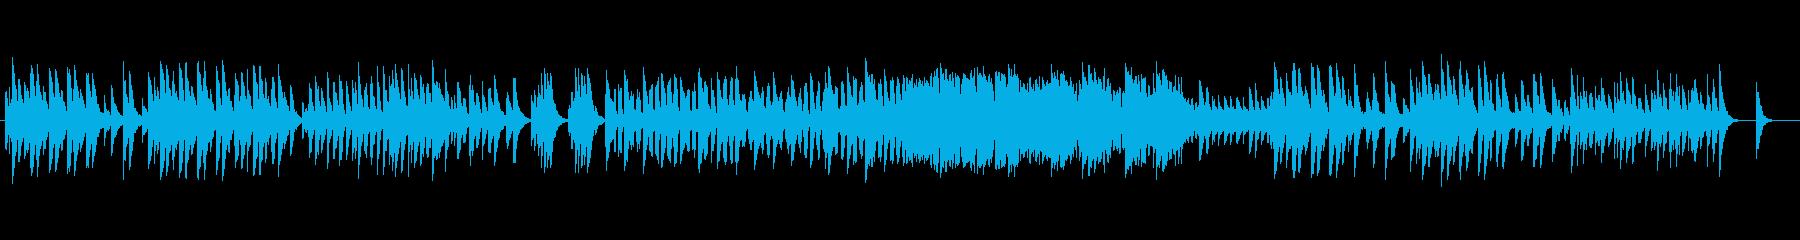 せつなかわいいオルゴール風のメロディの再生済みの波形